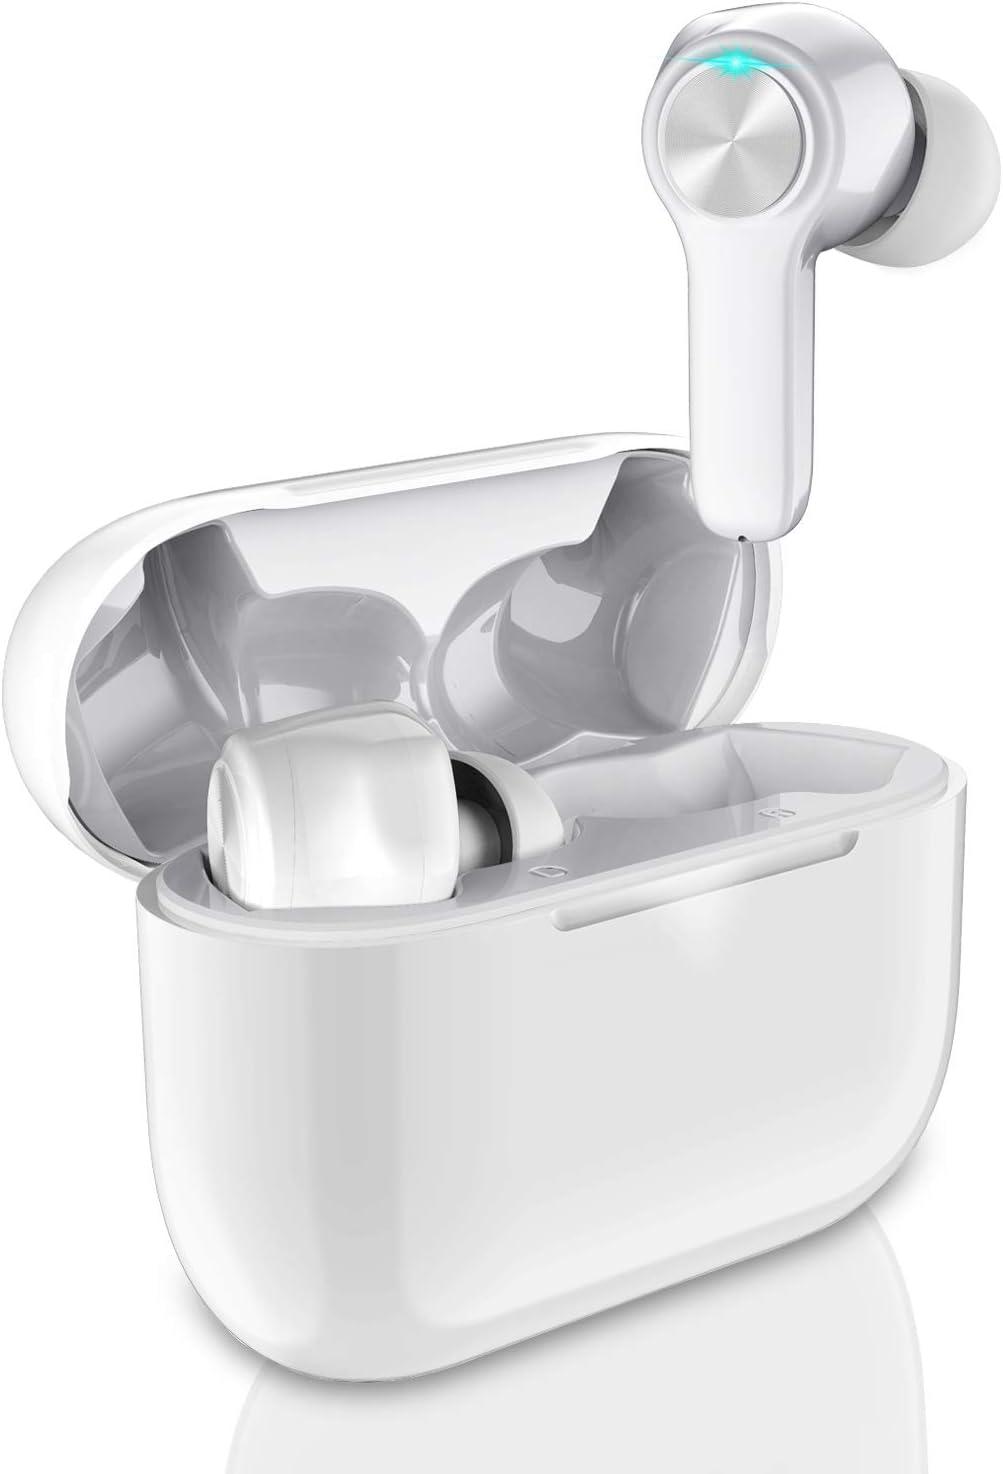 Écouteurs Bluetooth sans Fil, Bluetooth 5.0 Écouteur avect Micro, IPX6 Étanche CVC 8.0 Antibruit Oreillette Bluetooth HD Stéréo, Auto Appariement Sport, 30H Étui de Chargement, Contrôle Tactile